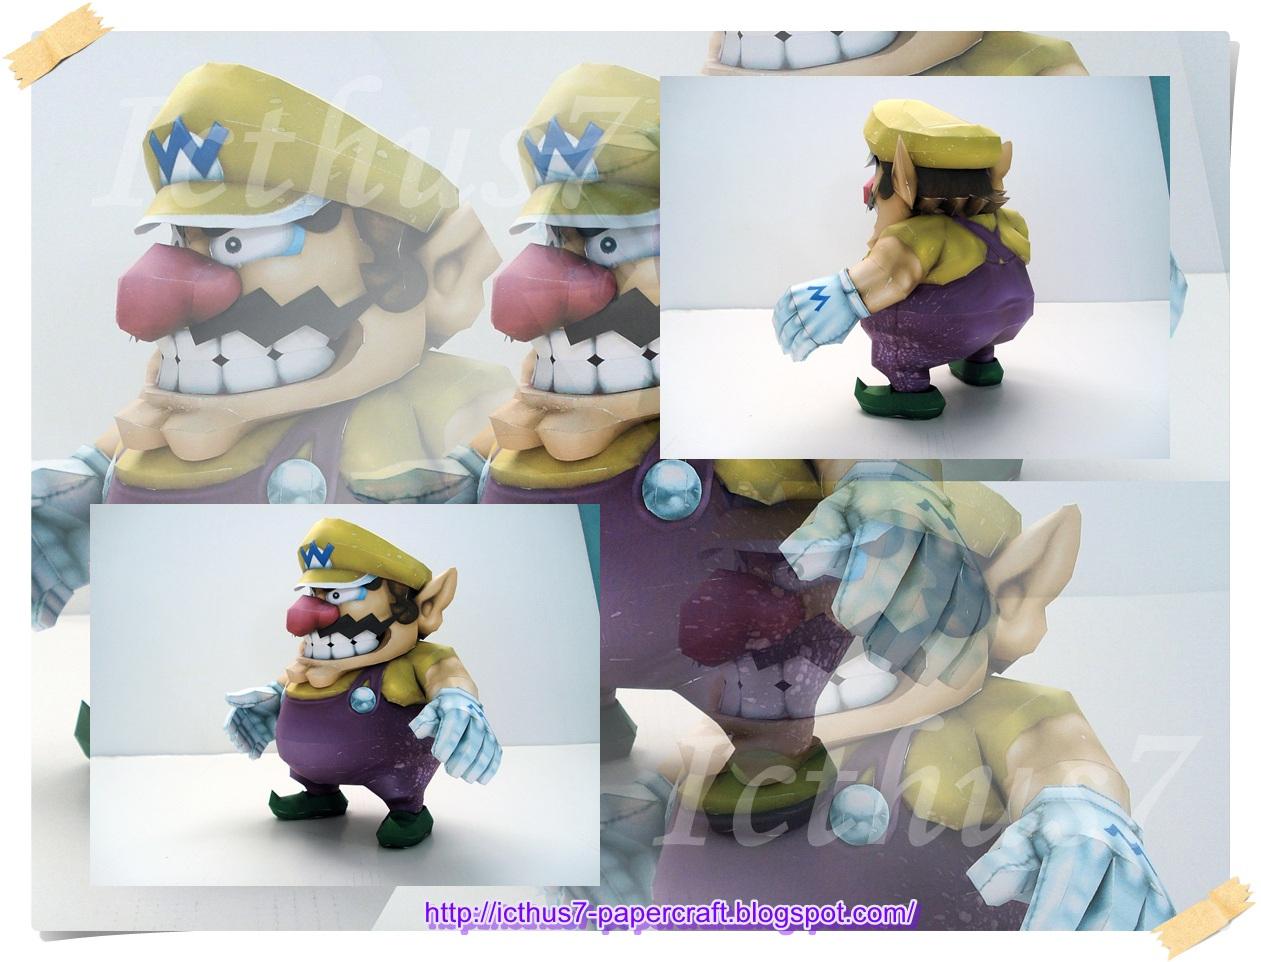 Wario from Mario Bros by enrique3